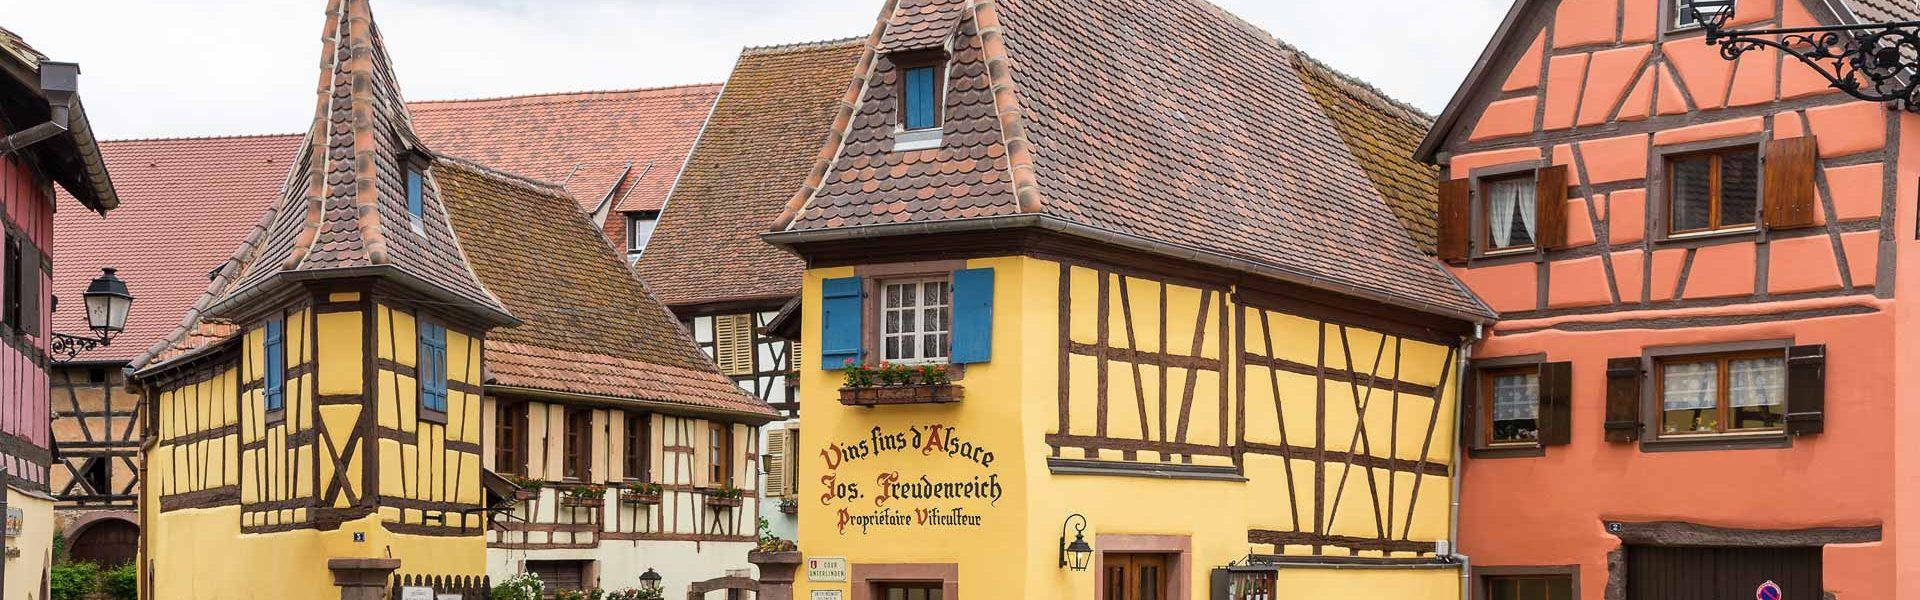 Frankreich, Elsass, Eguisheim, Fachwerkhäuser (Foto: Robert Mrkvicka)